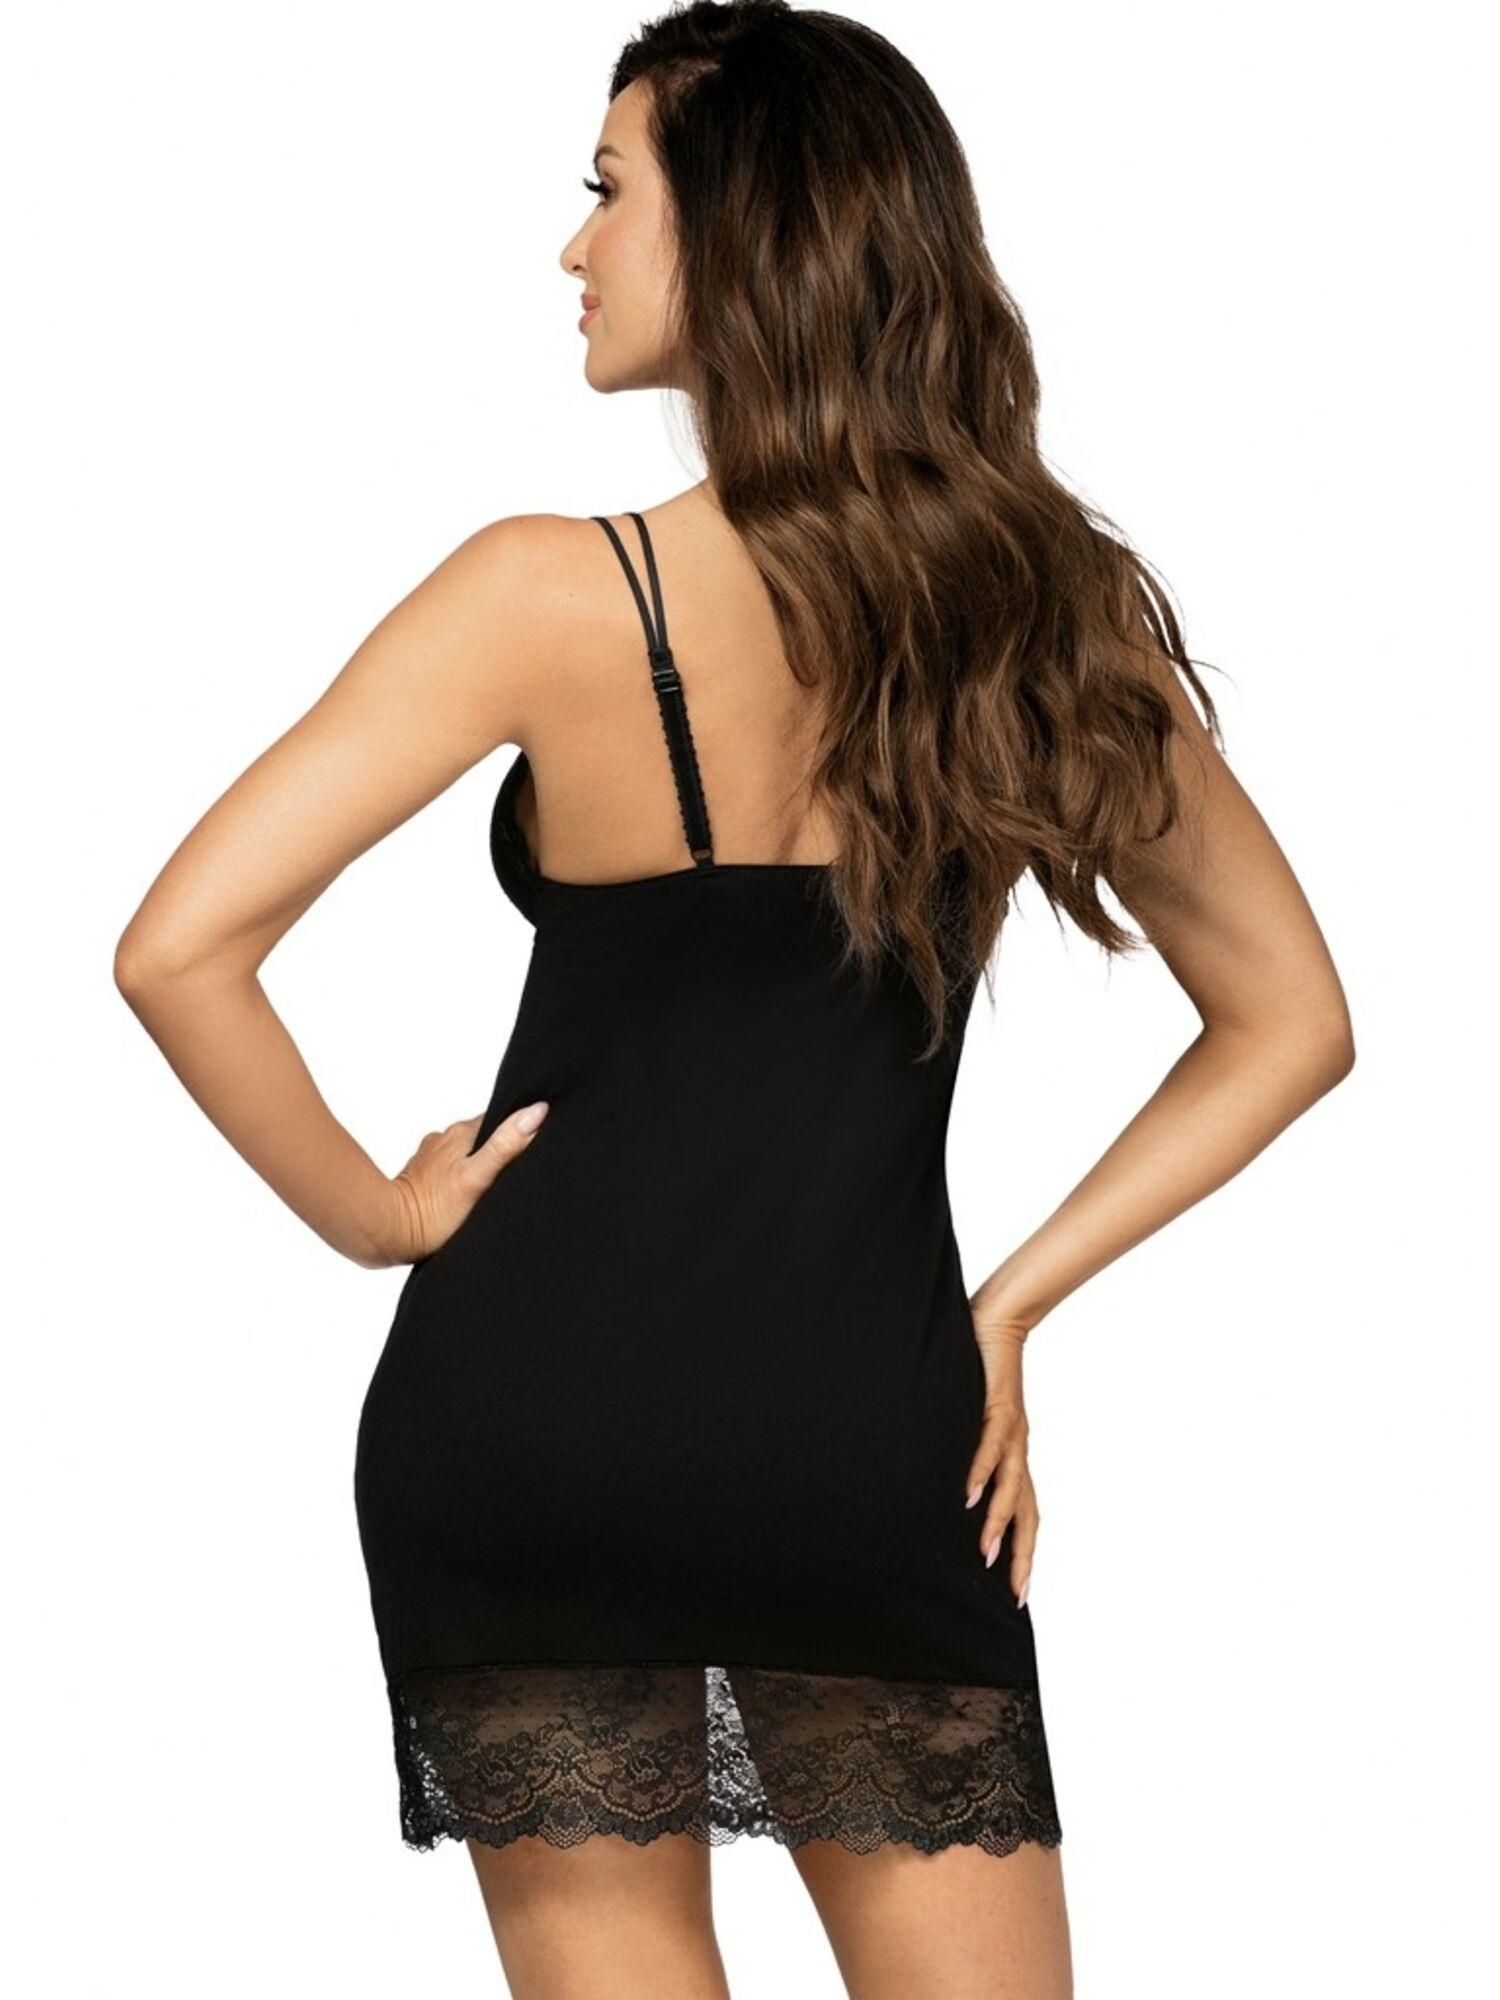 Сорочка женская PAMELA из вискозы с кружевом, черный, DONNA